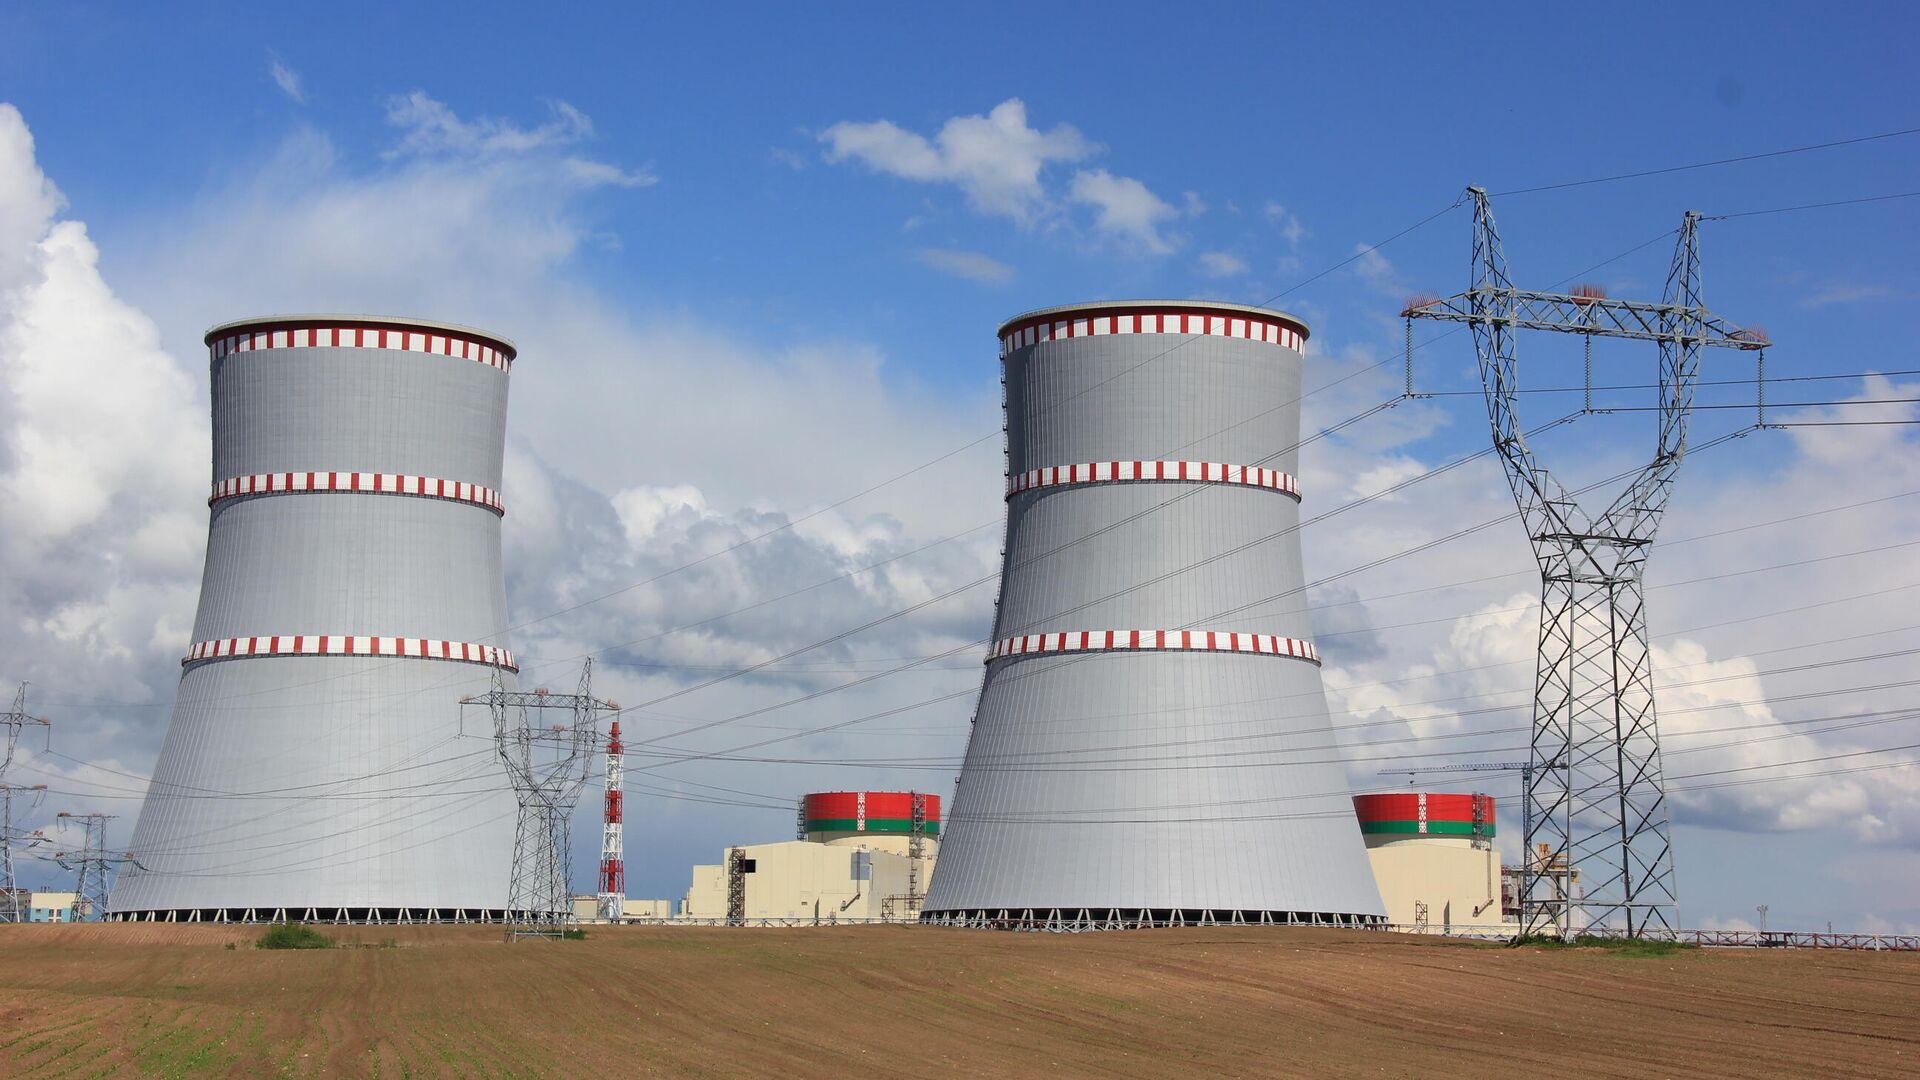 Энергетический пуск энергоблока № 1 Белорусской АЭС - РИА Новости, 1920, 11.11.2020